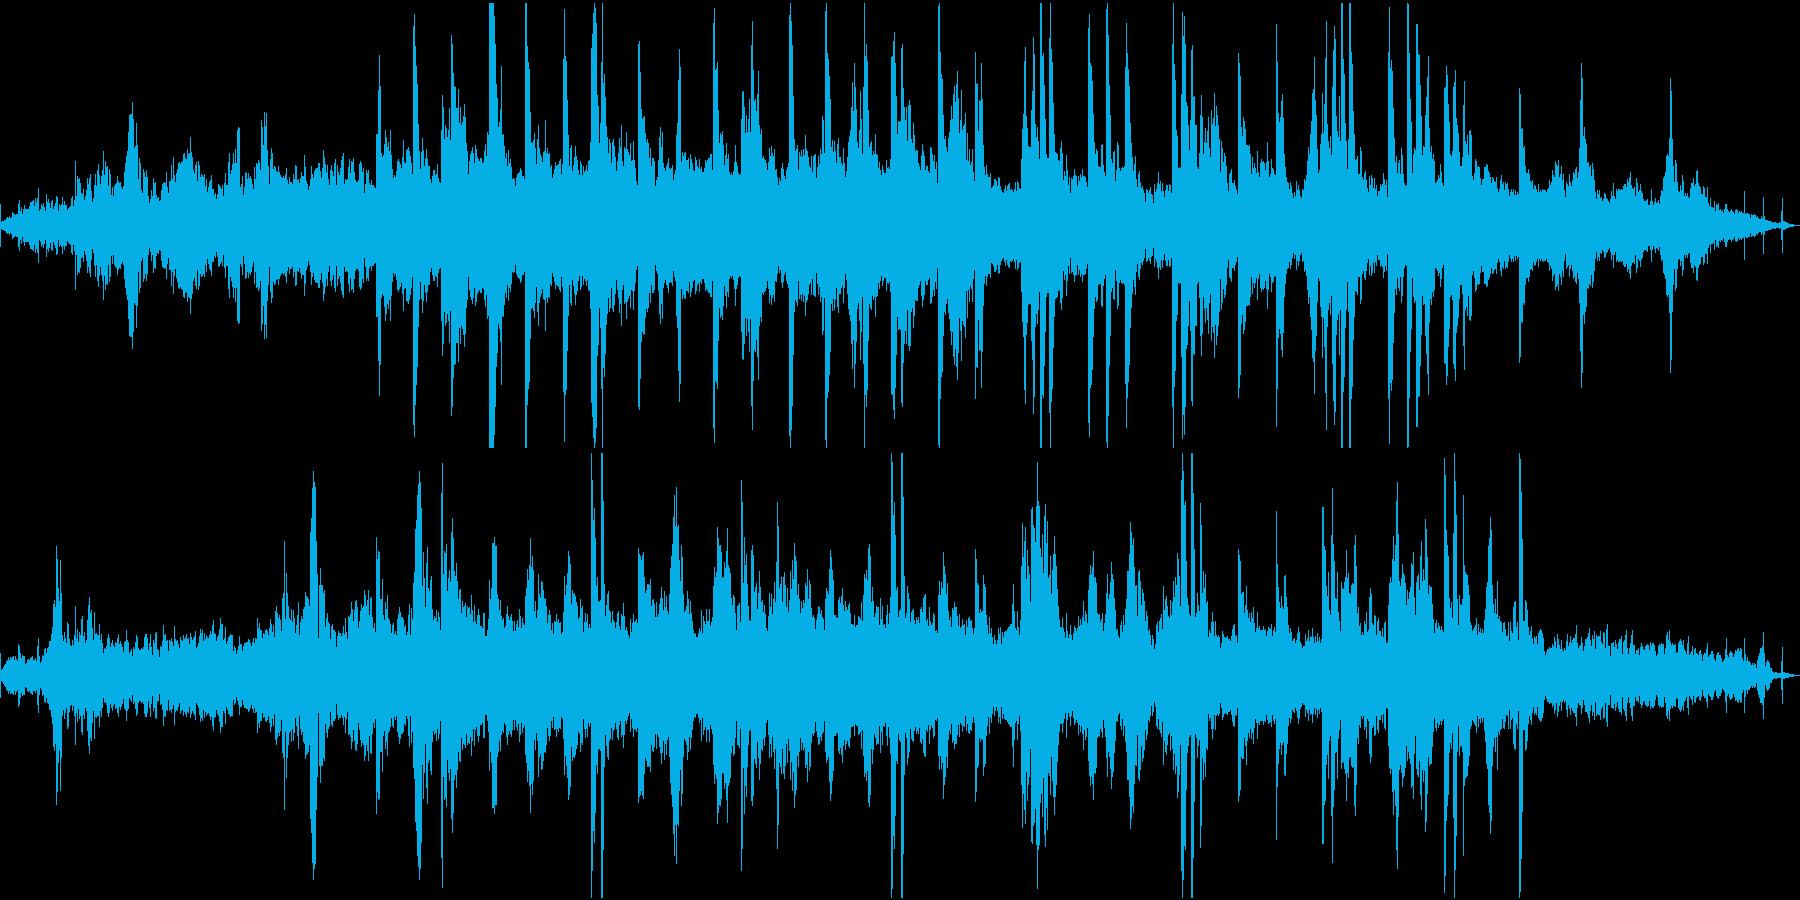 ディストピア感近未来感あるピアノBGMの再生済みの波形